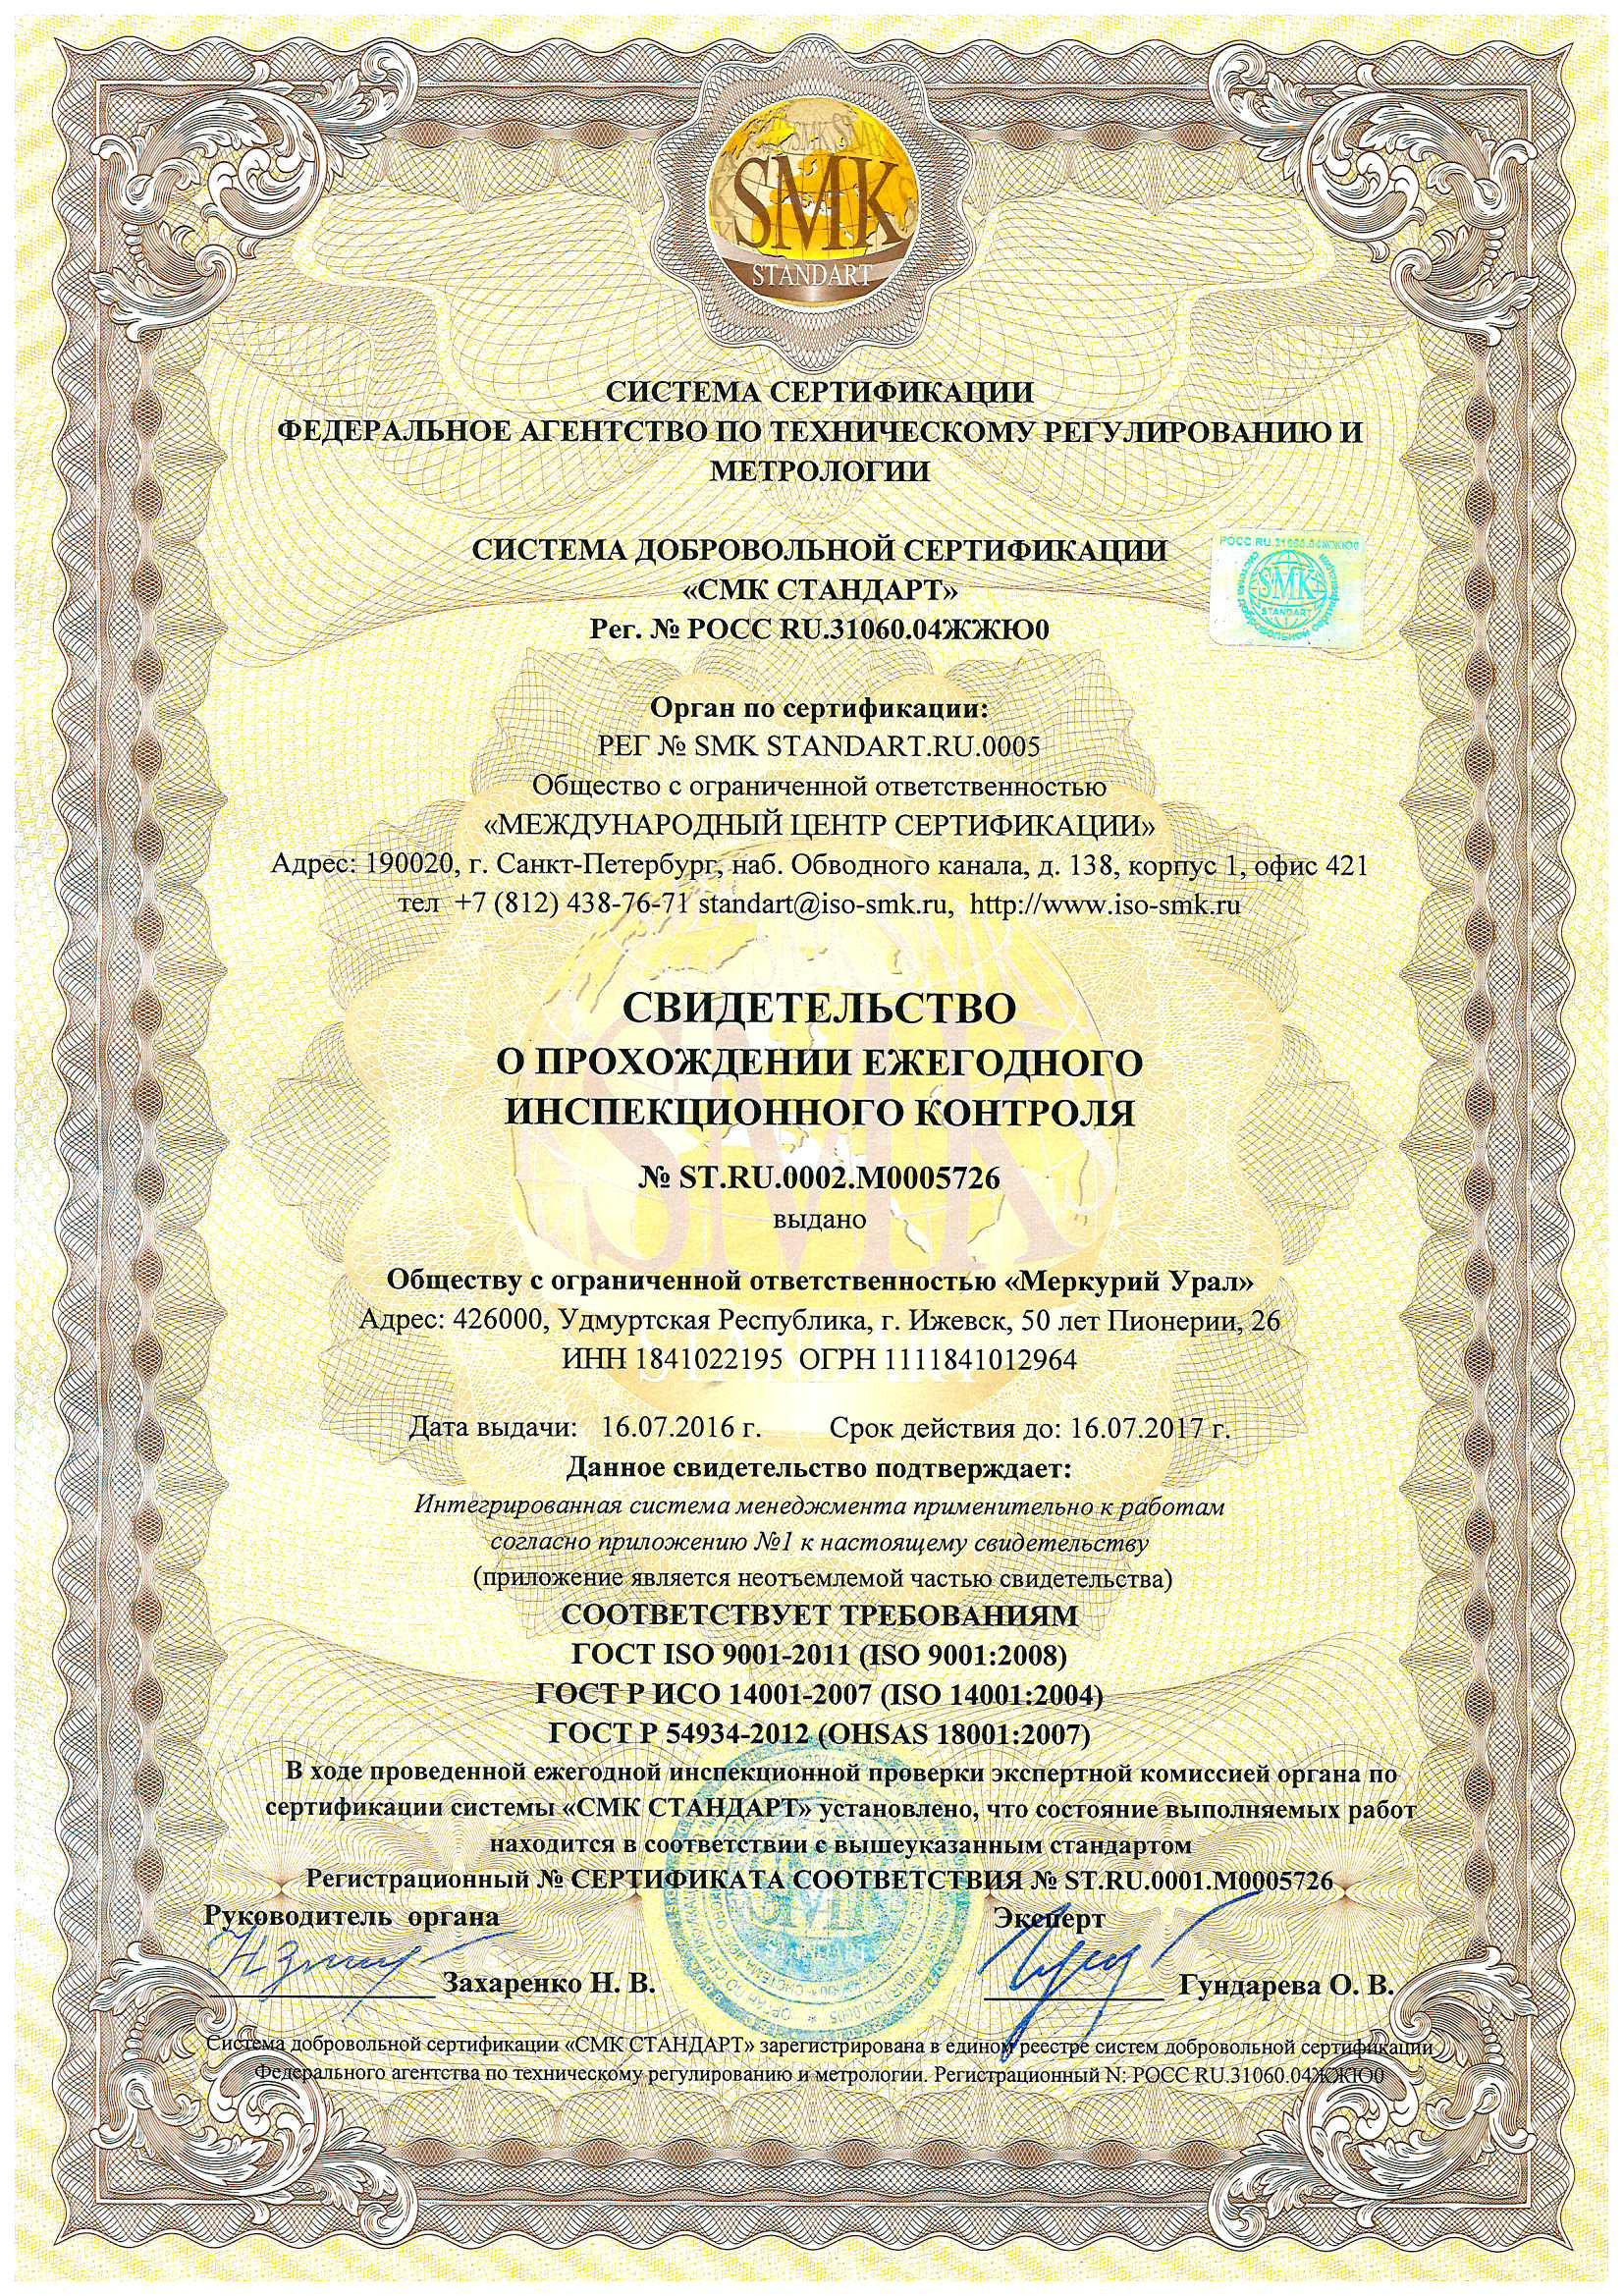 Система добровольной сертификации